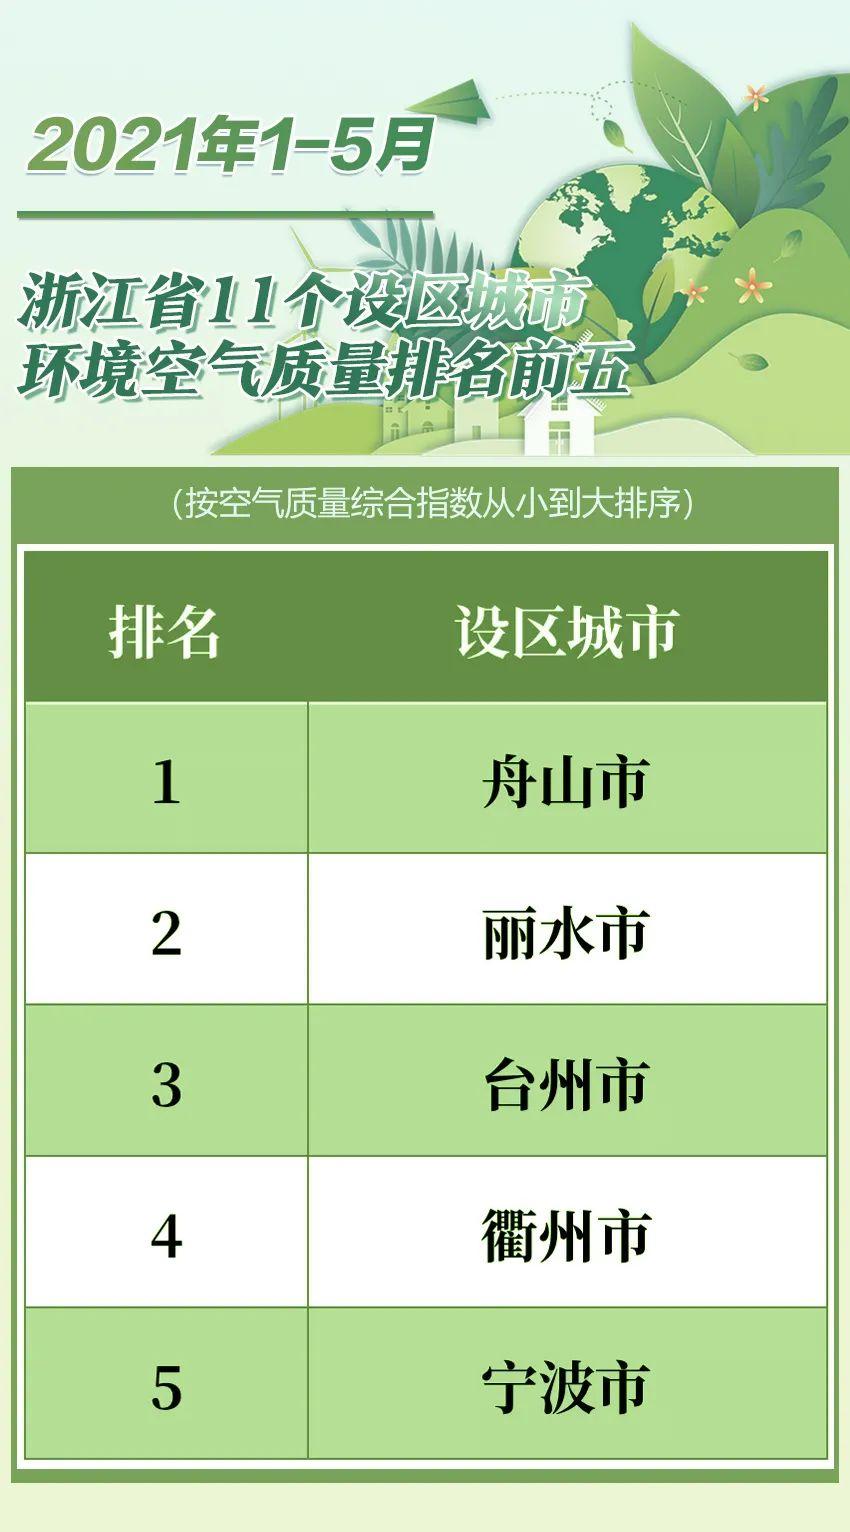 最新排名!浙江哪里空气质量最好?